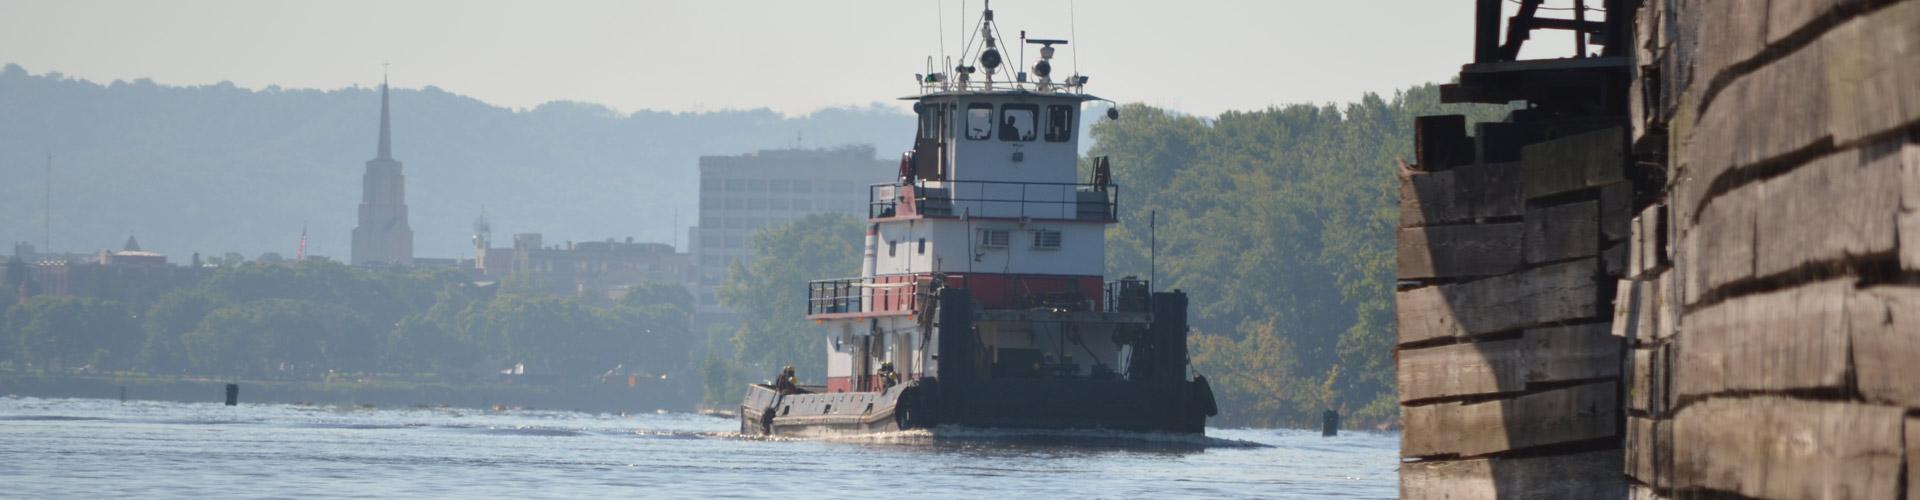 barge transportation, harbor management, dispatch center, mississppi river, towboat assists, La Crosse wi